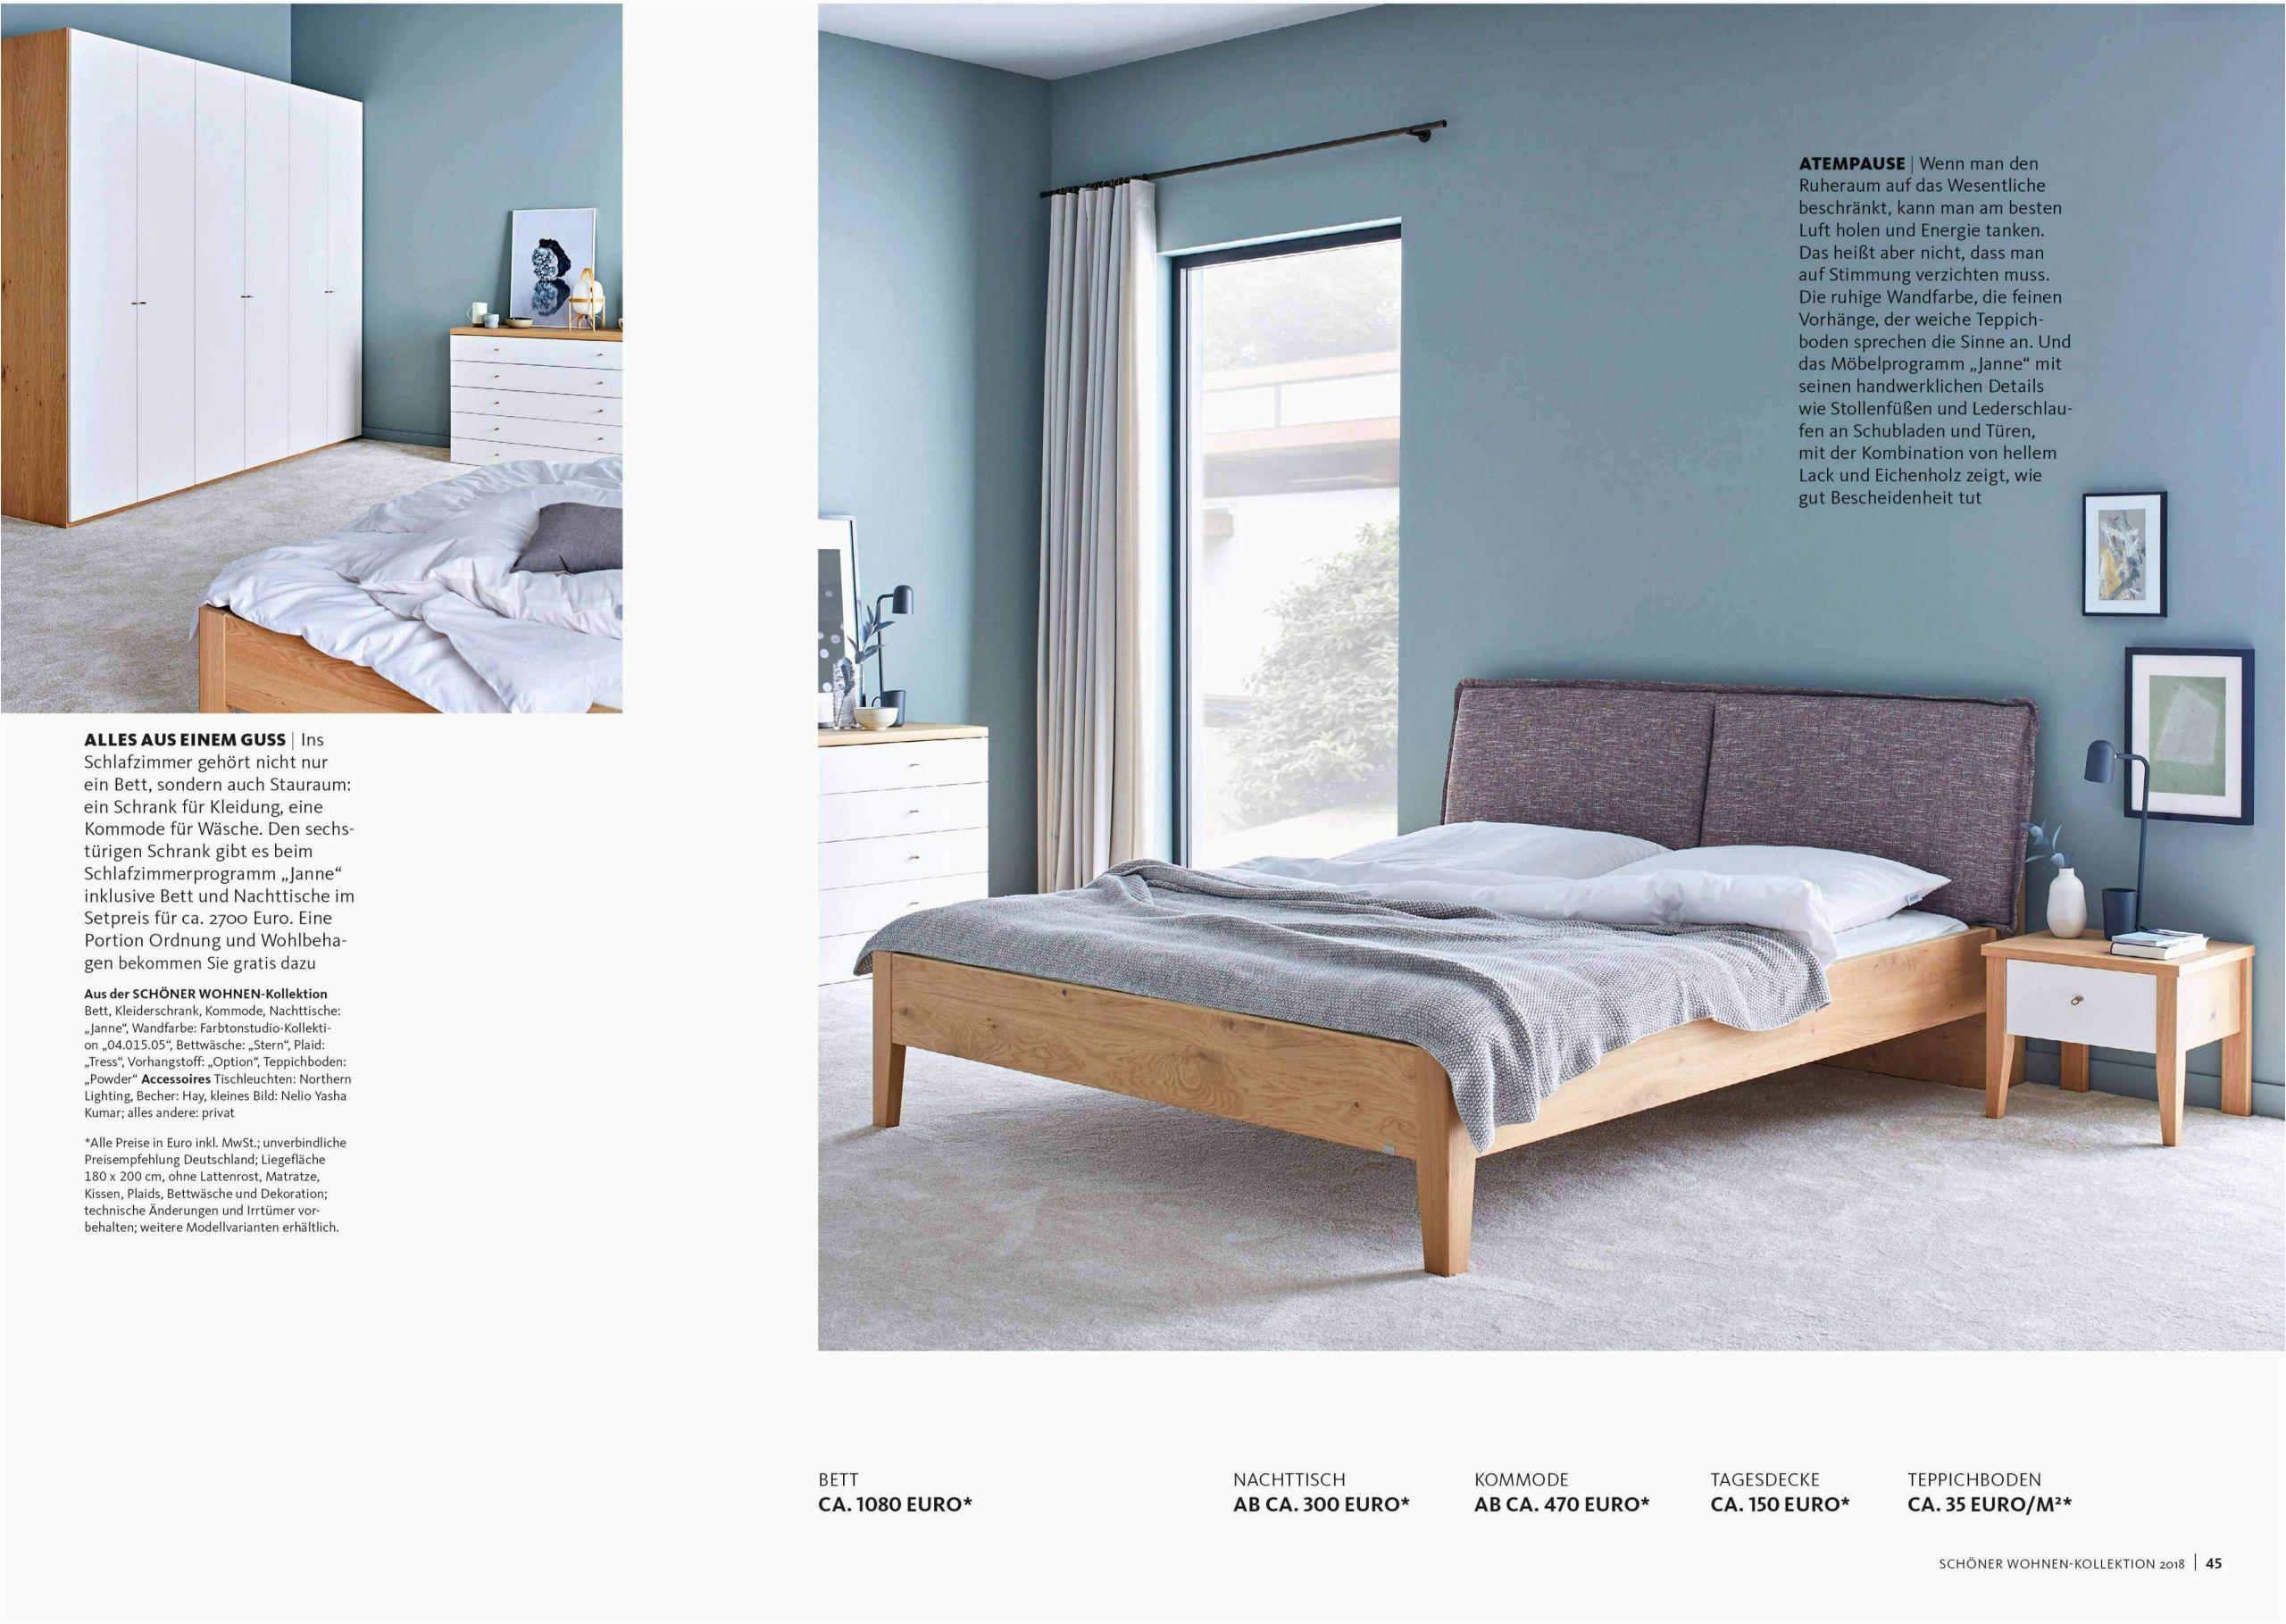 wandfarben ideen wohnzimmer luxus 45 luxus von schlafzimmer farben ideen ideen of wandfarben ideen wohnzimmer scaled